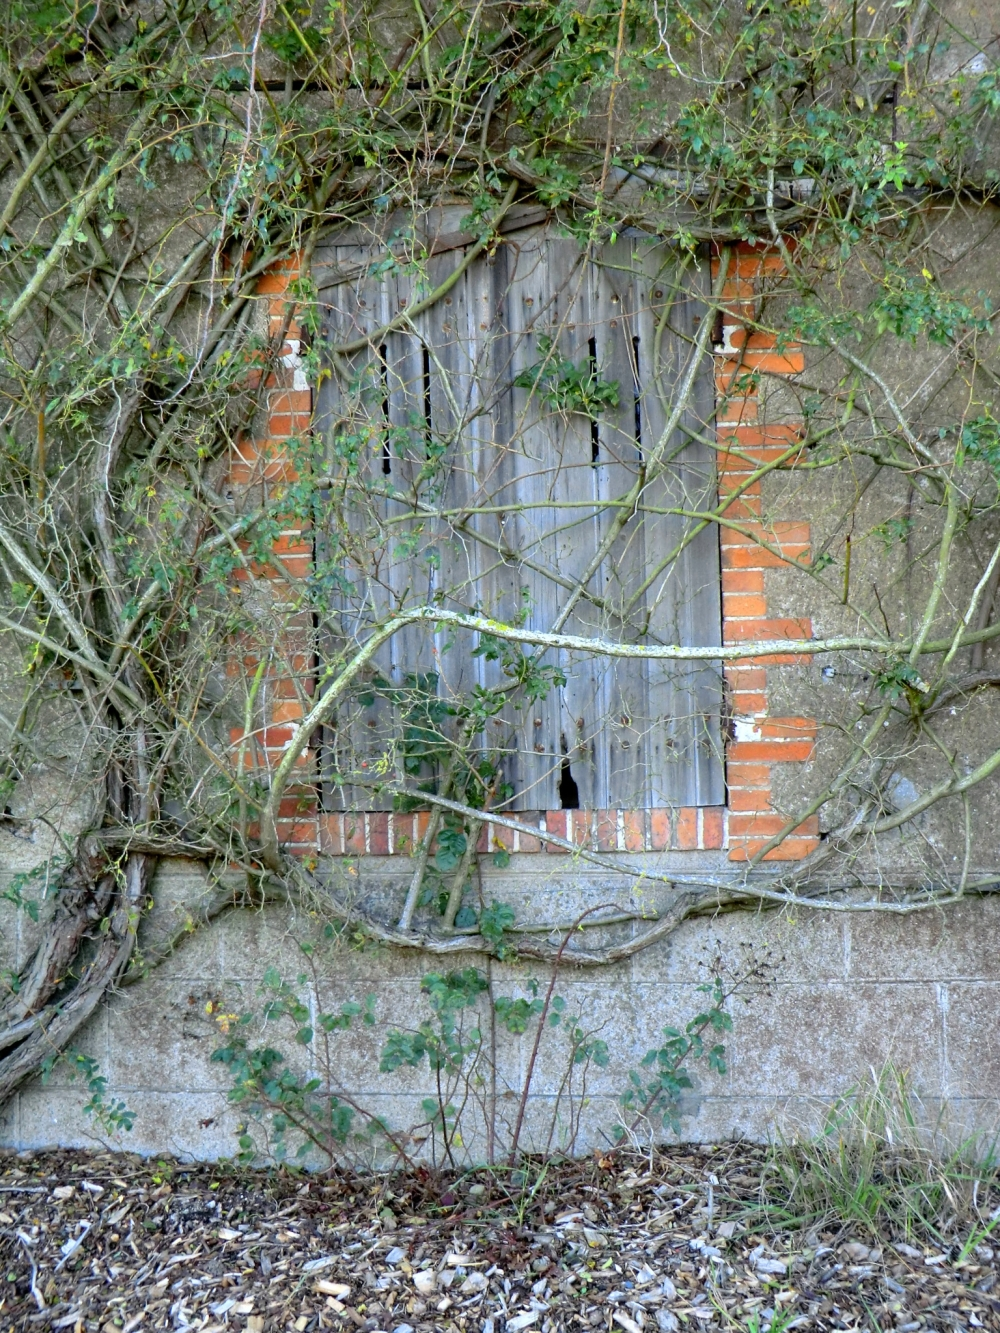 Les lianes s'enroulent dans les méandres du passé